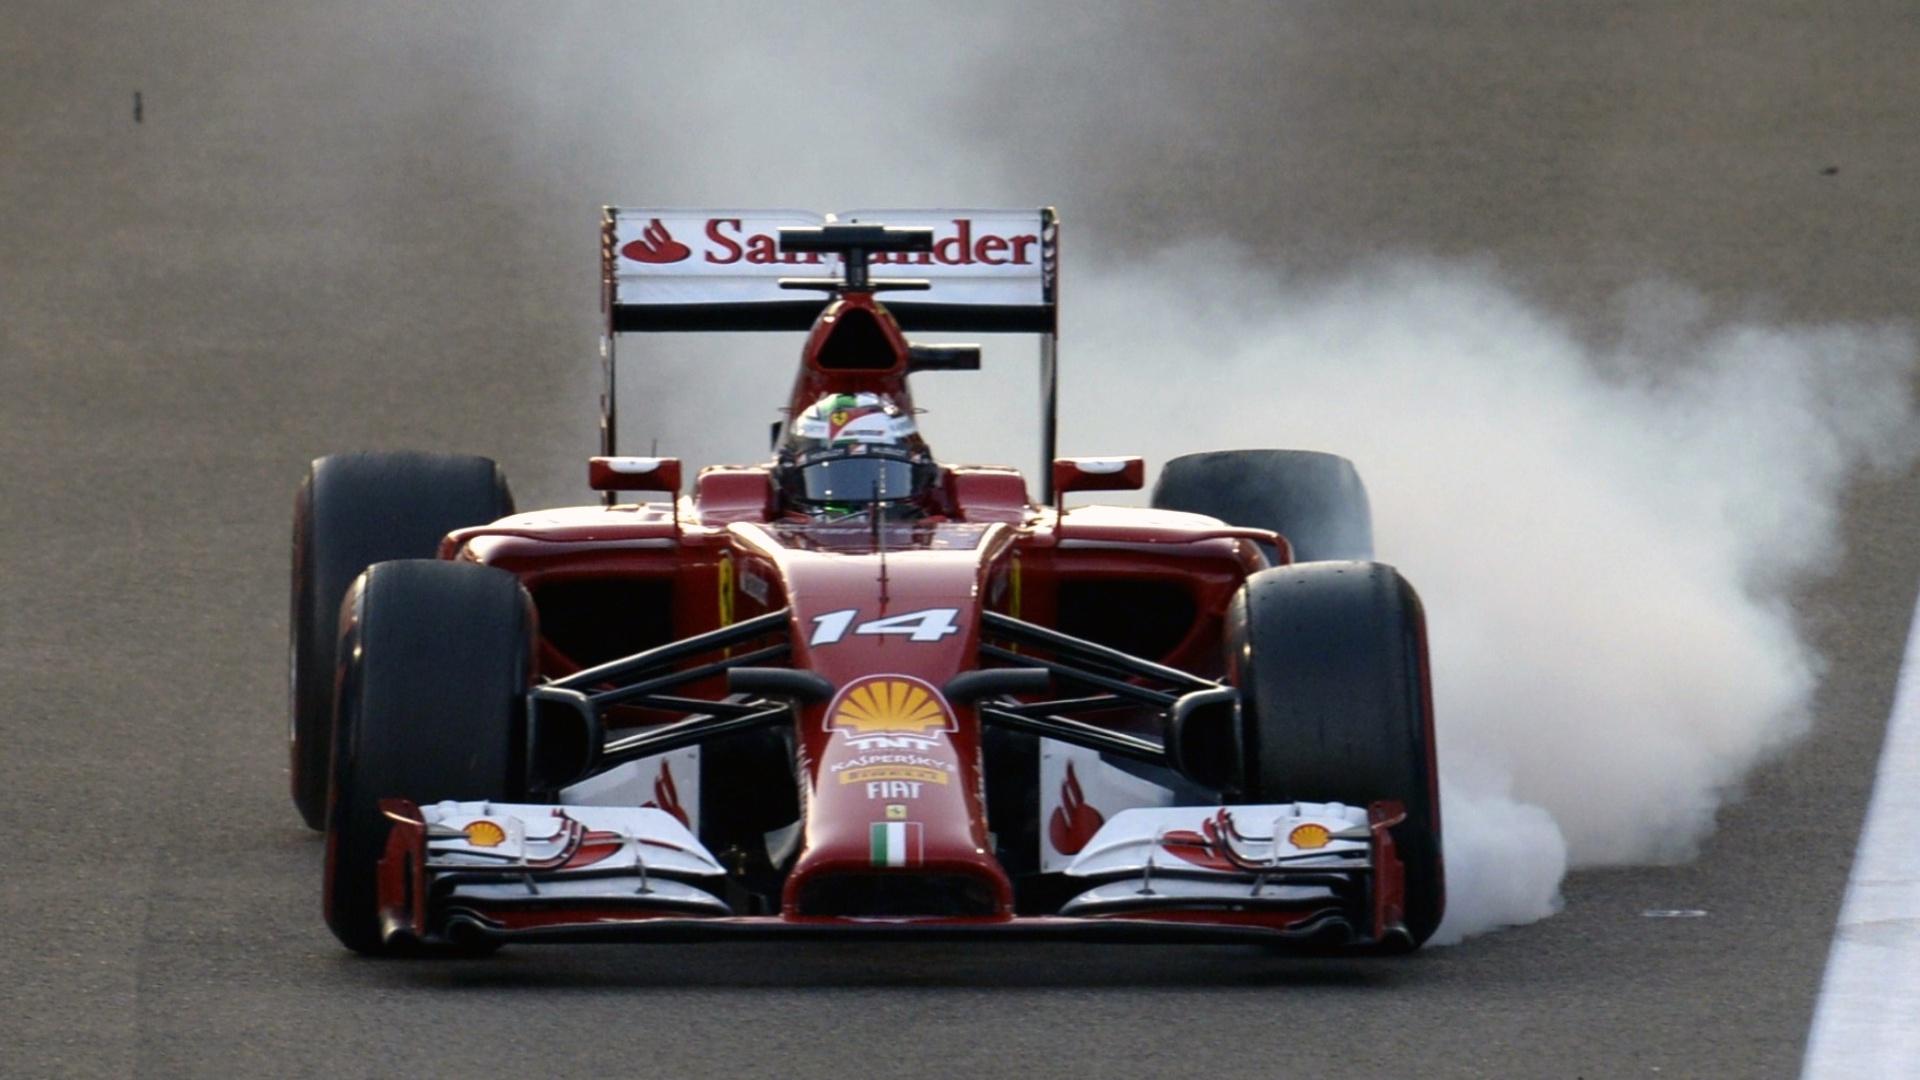 Carro de Fernando Alonso frita pneus durante as primeiras voltas do GP de Abu Dhabi